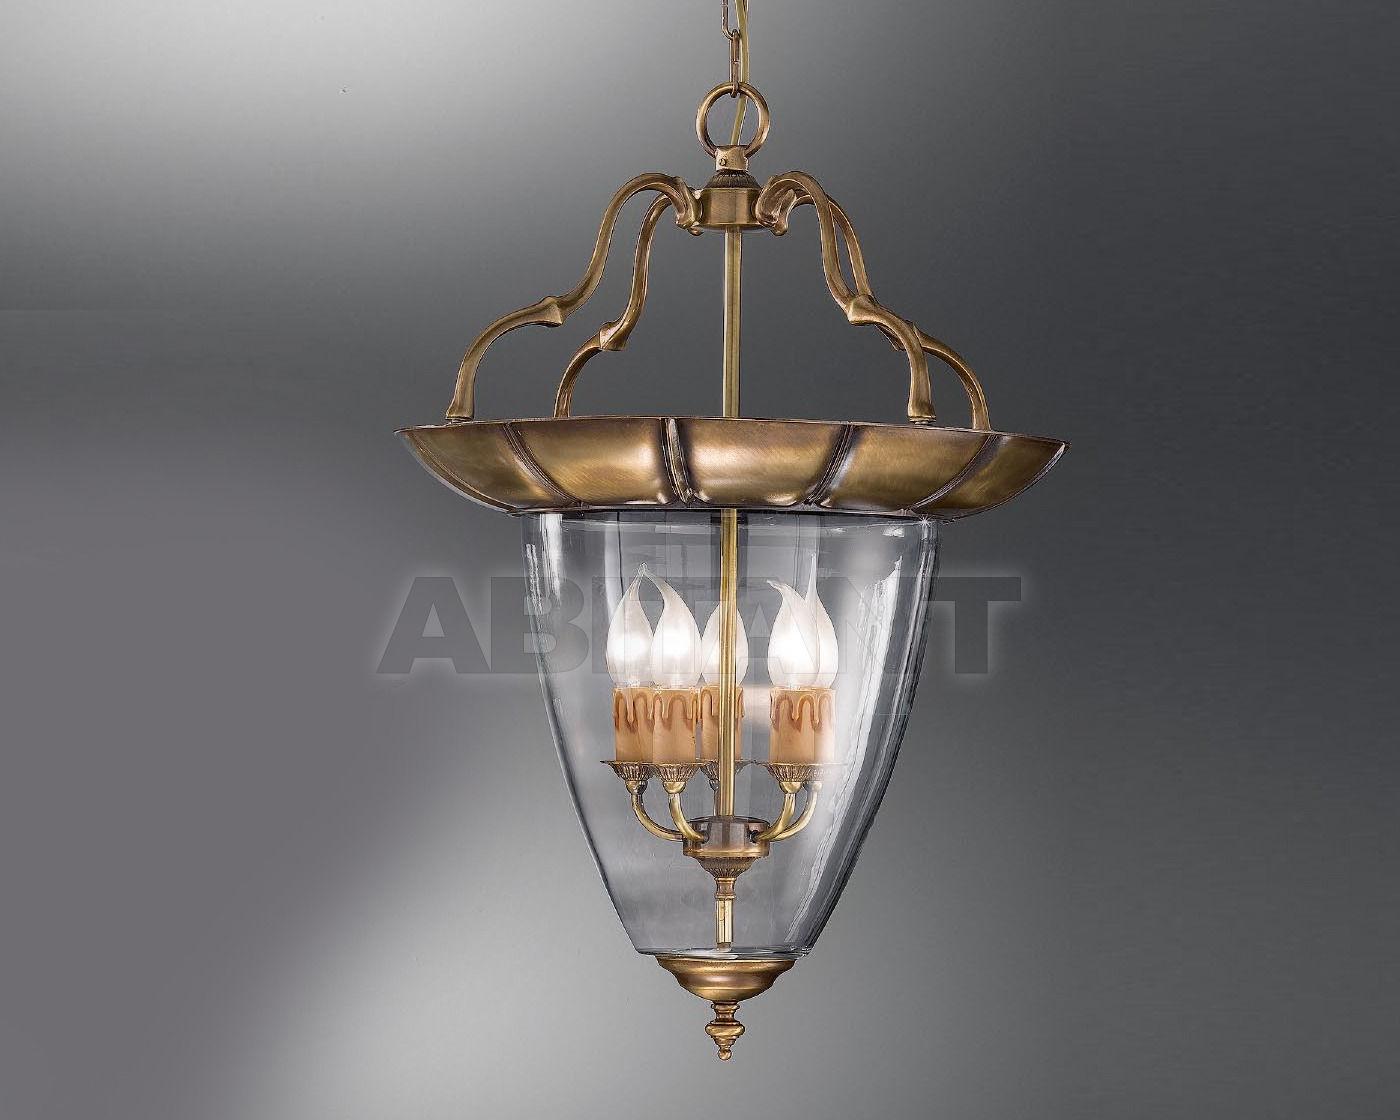 Купить Светильник Nervilamp Snc Nervilamp 2013 L10/5